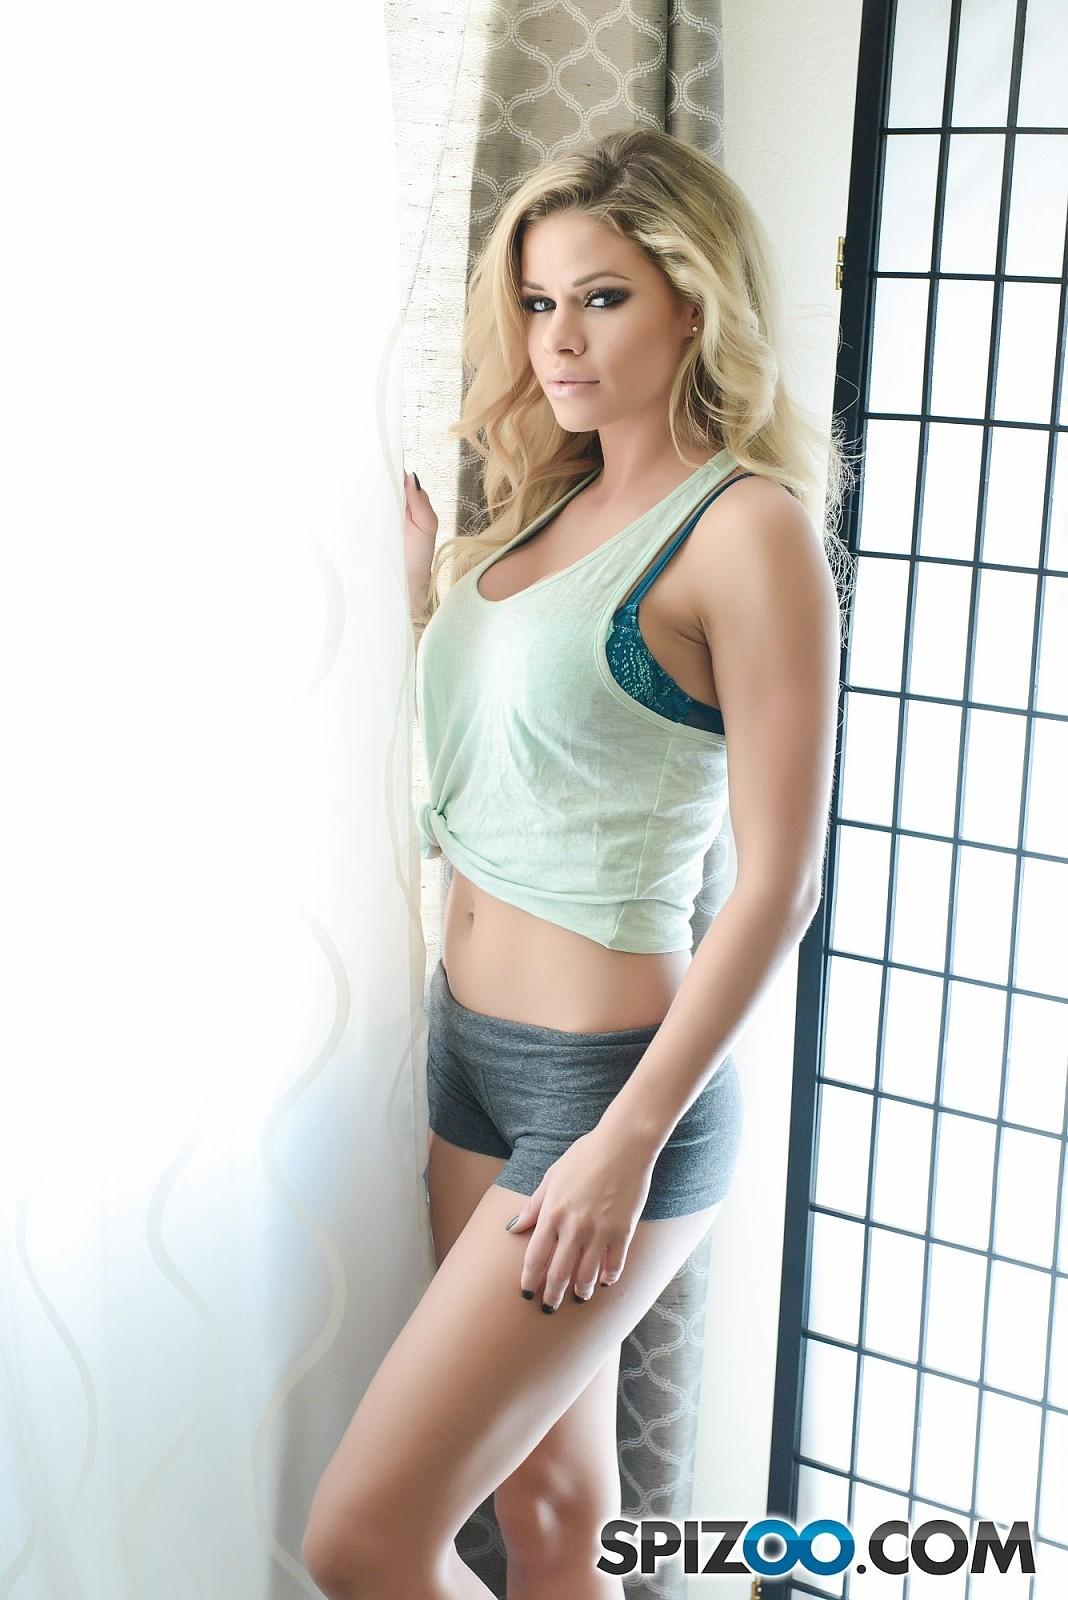 Sensationelle blonde Jessa Rhodes macht Liebe mit dem Fotografen